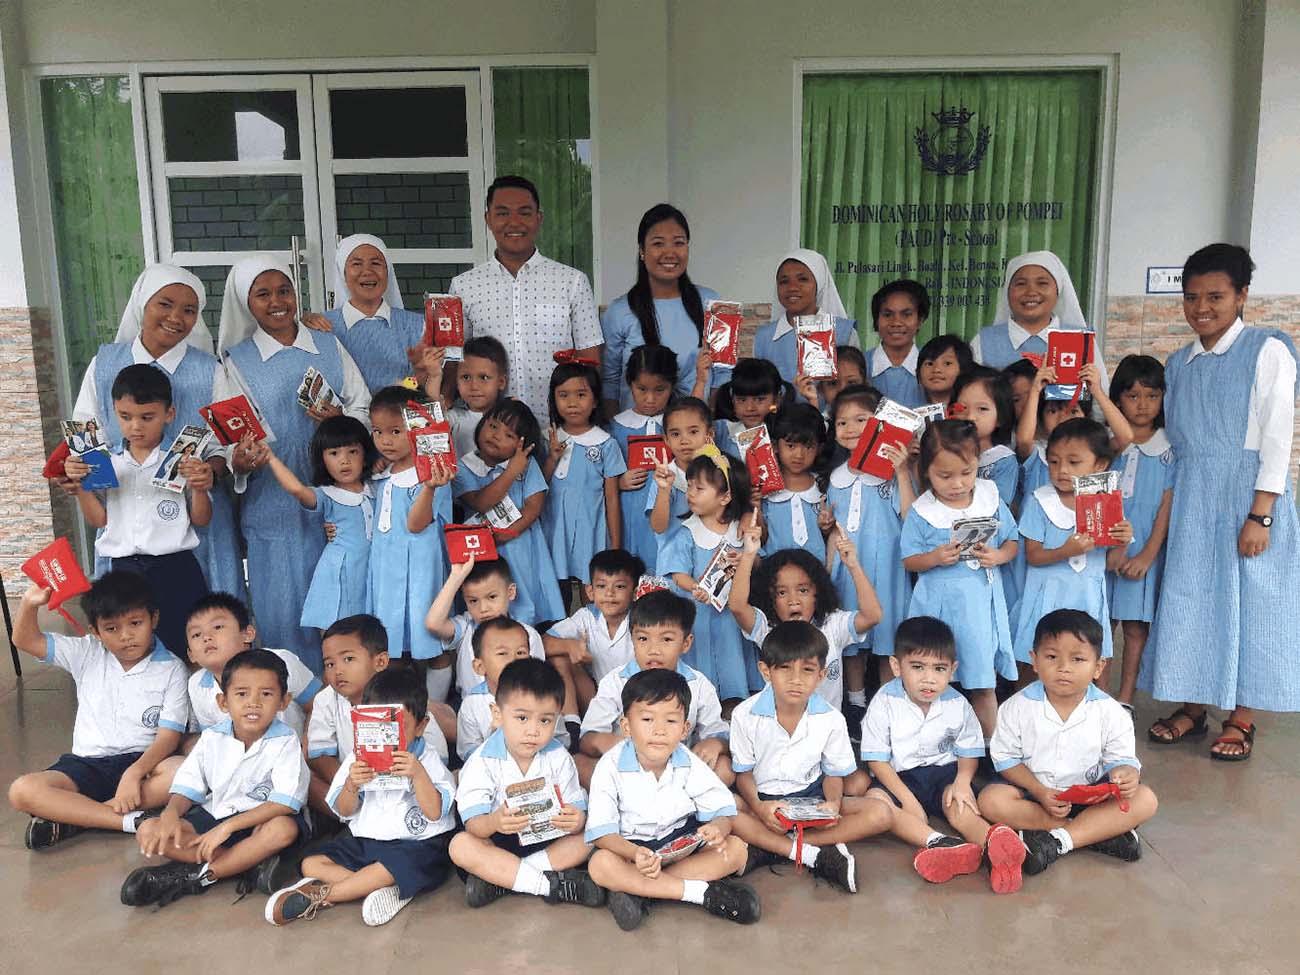 BIMC Nusa Dua Distributes First Aid Kits